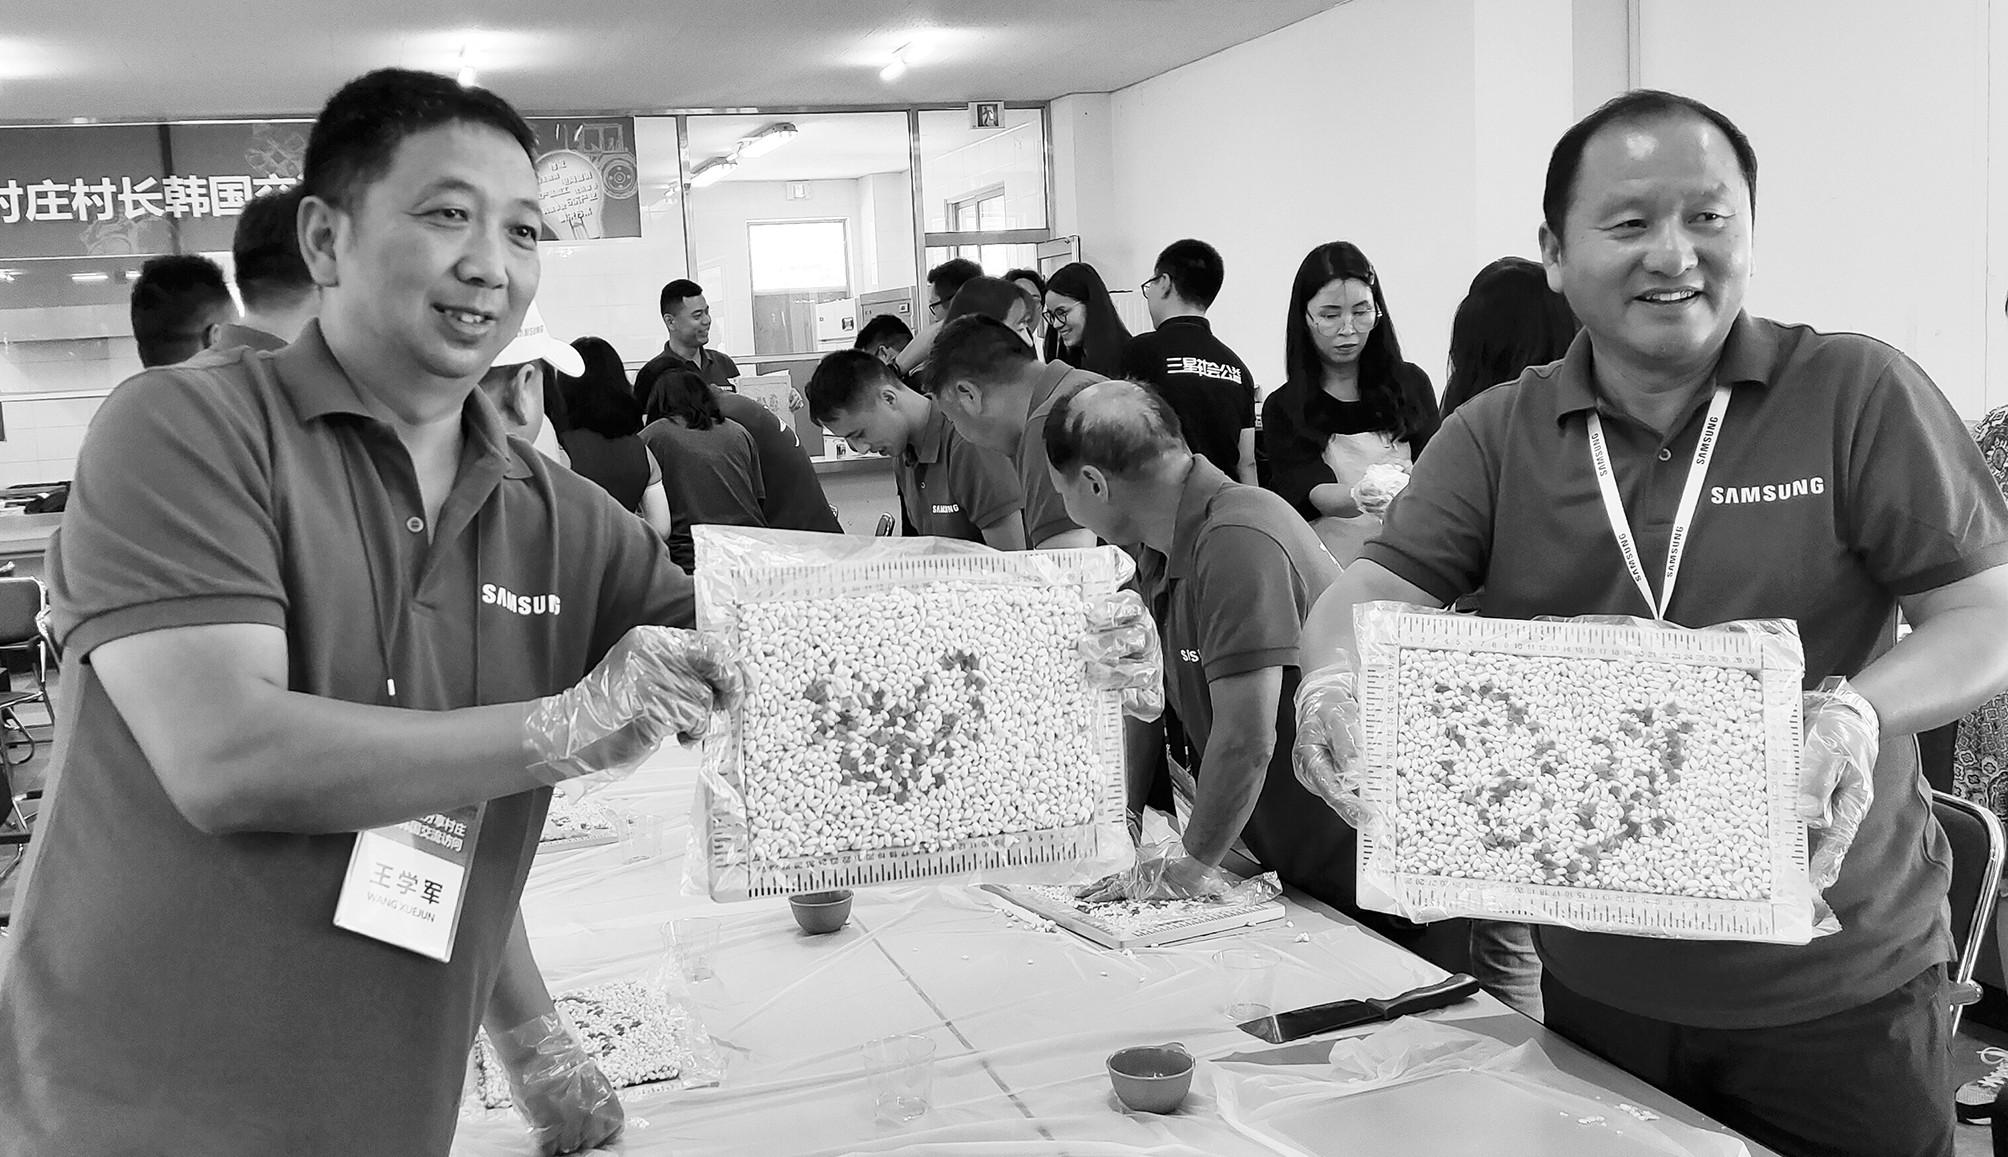 中国村长访韩交流脱贫经验——中国三星在扶贫领域的最新理念和举措